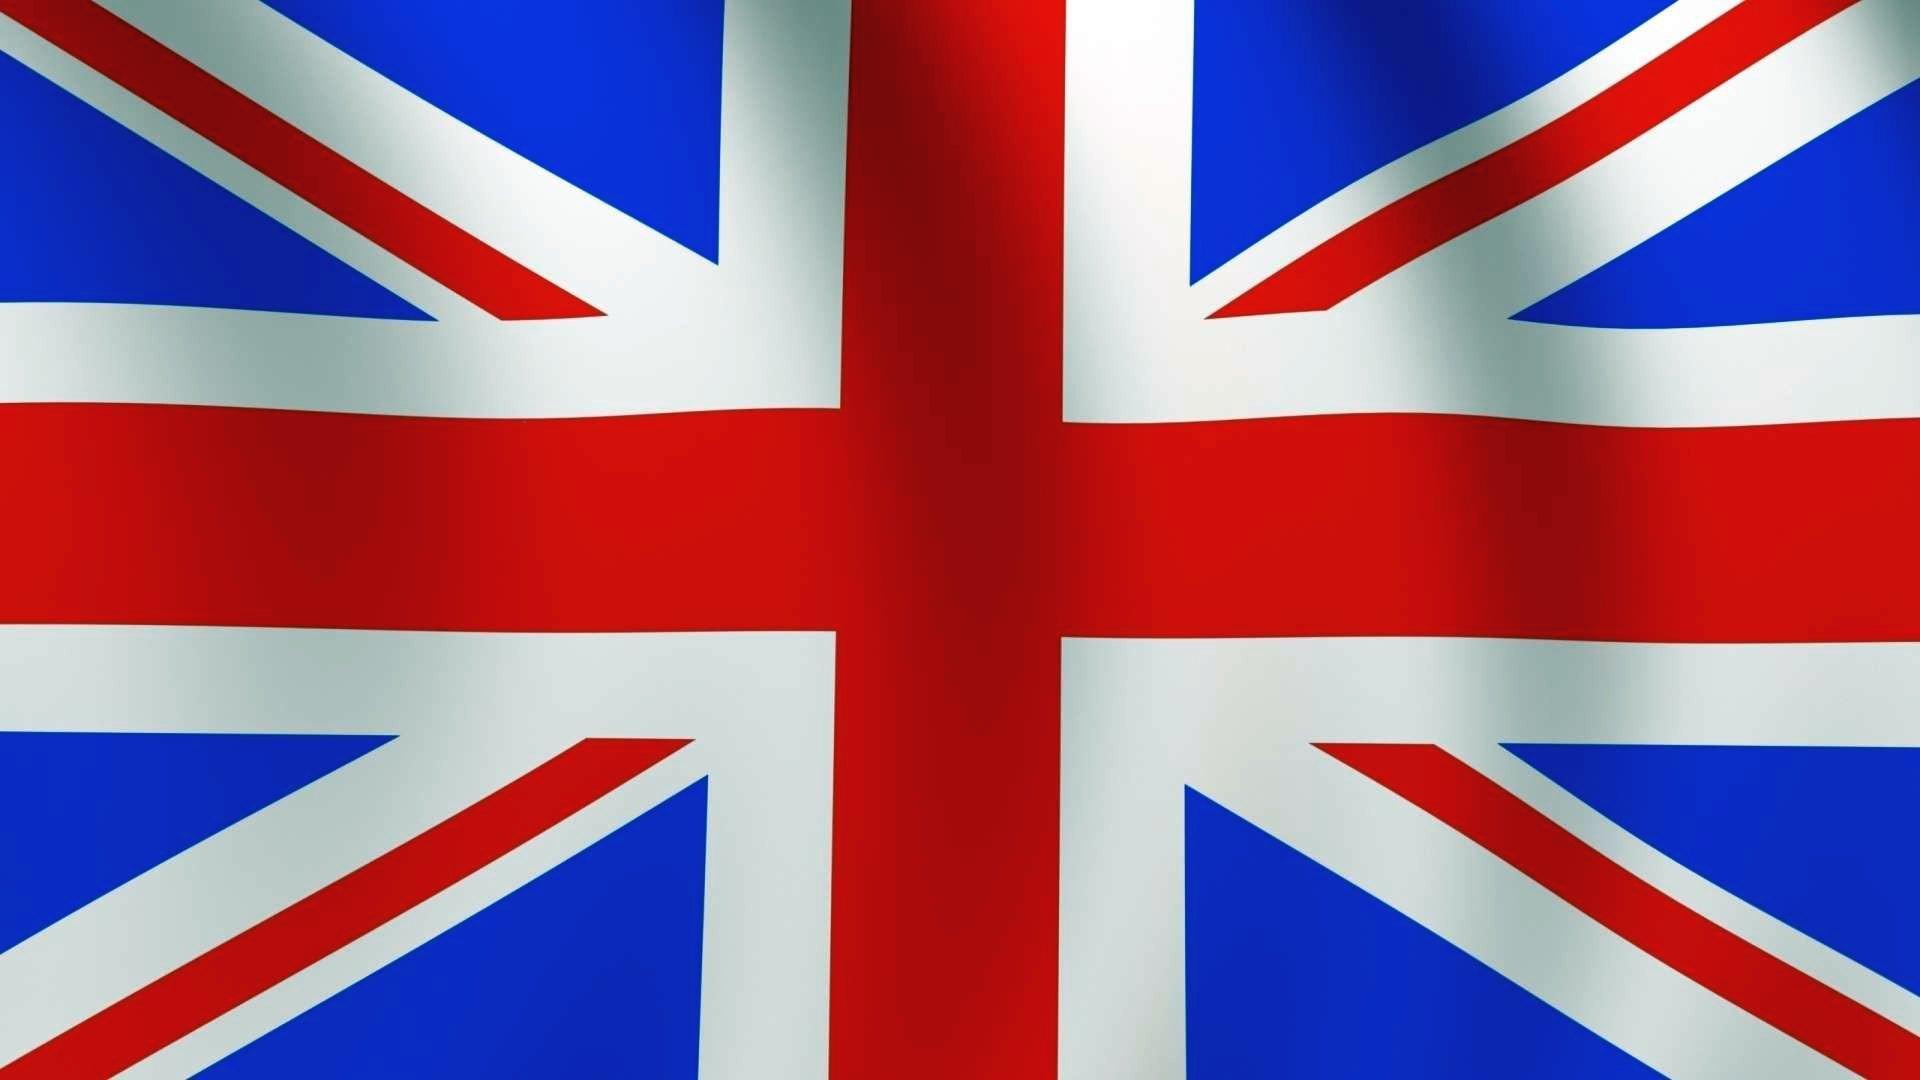 United Kingdom Flag   Wallpaper High Definition High 1920x1080